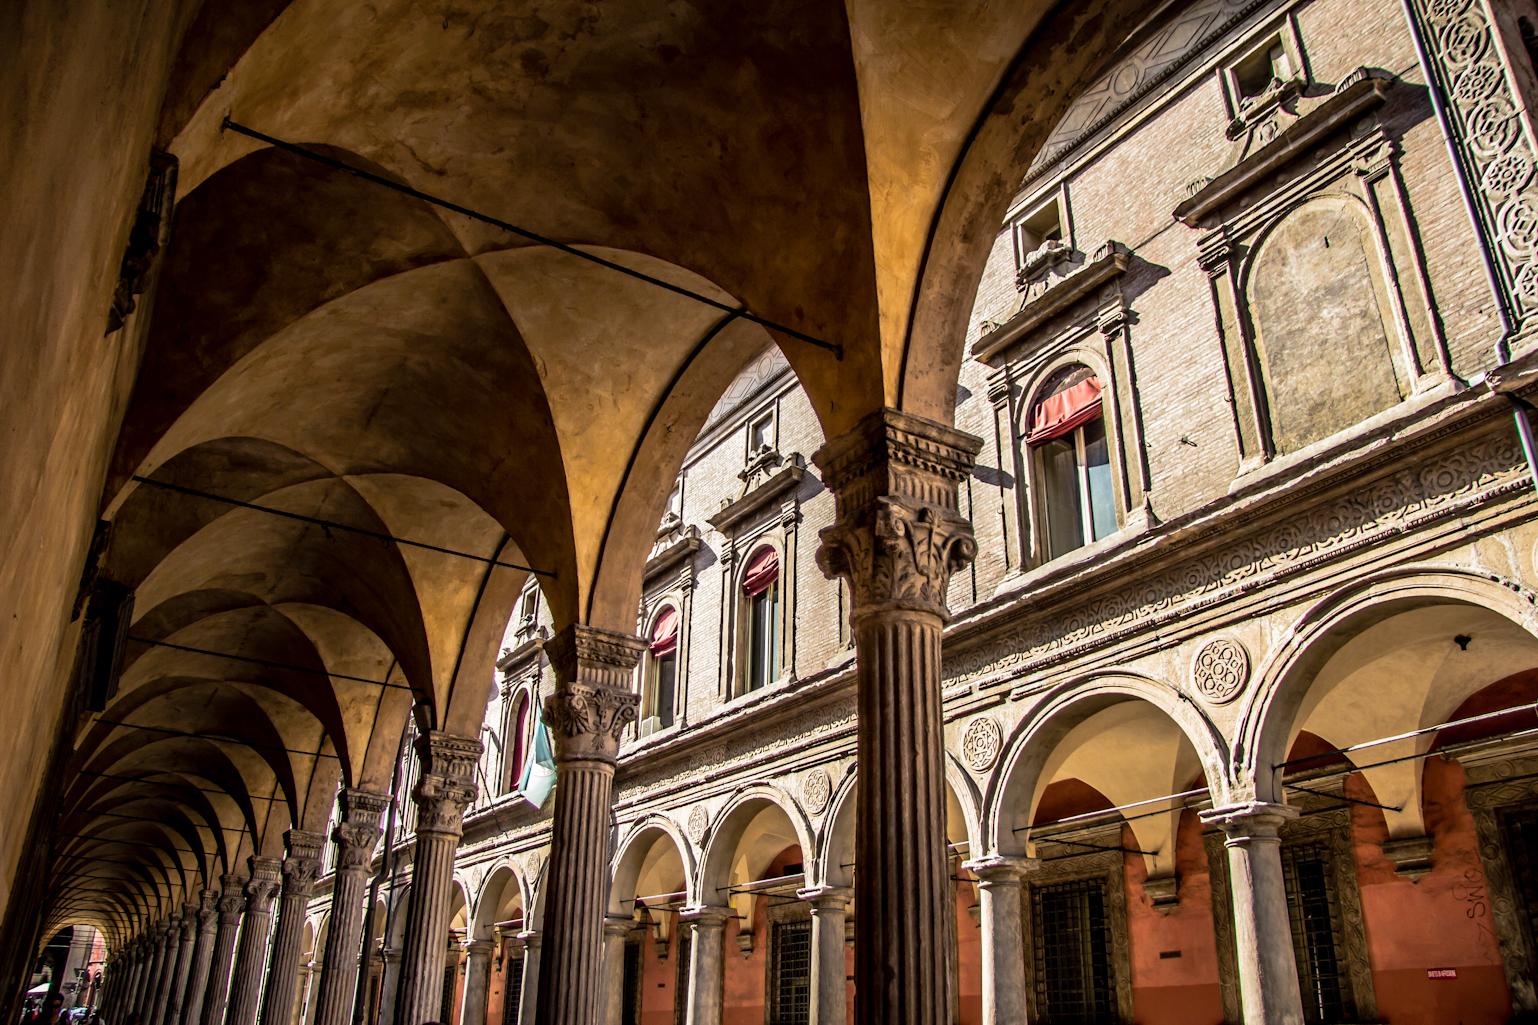 https://upload.wikimedia.org/wikipedia/commons/d/d8/Via_Zamboni_-_San_Giacomo_Maggiore_-_Bologna_IT-1.jpg